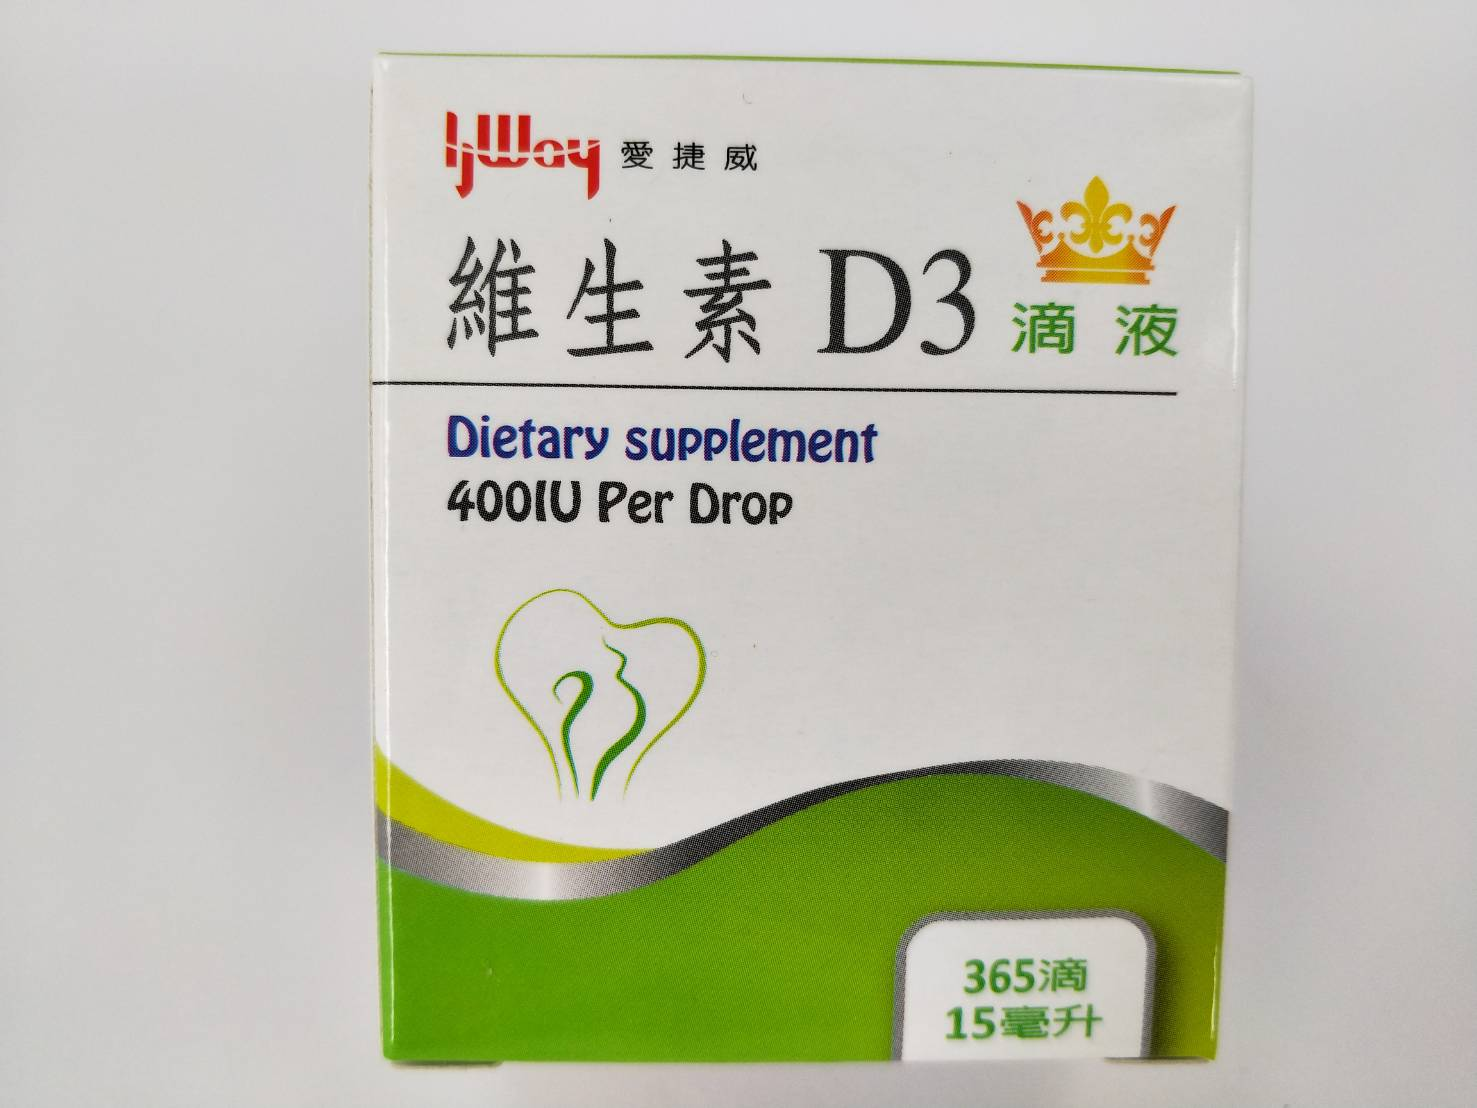 原粹維生素D3滴液 NTD$2000,HKD$540/15毫升約365滴(滴劑)